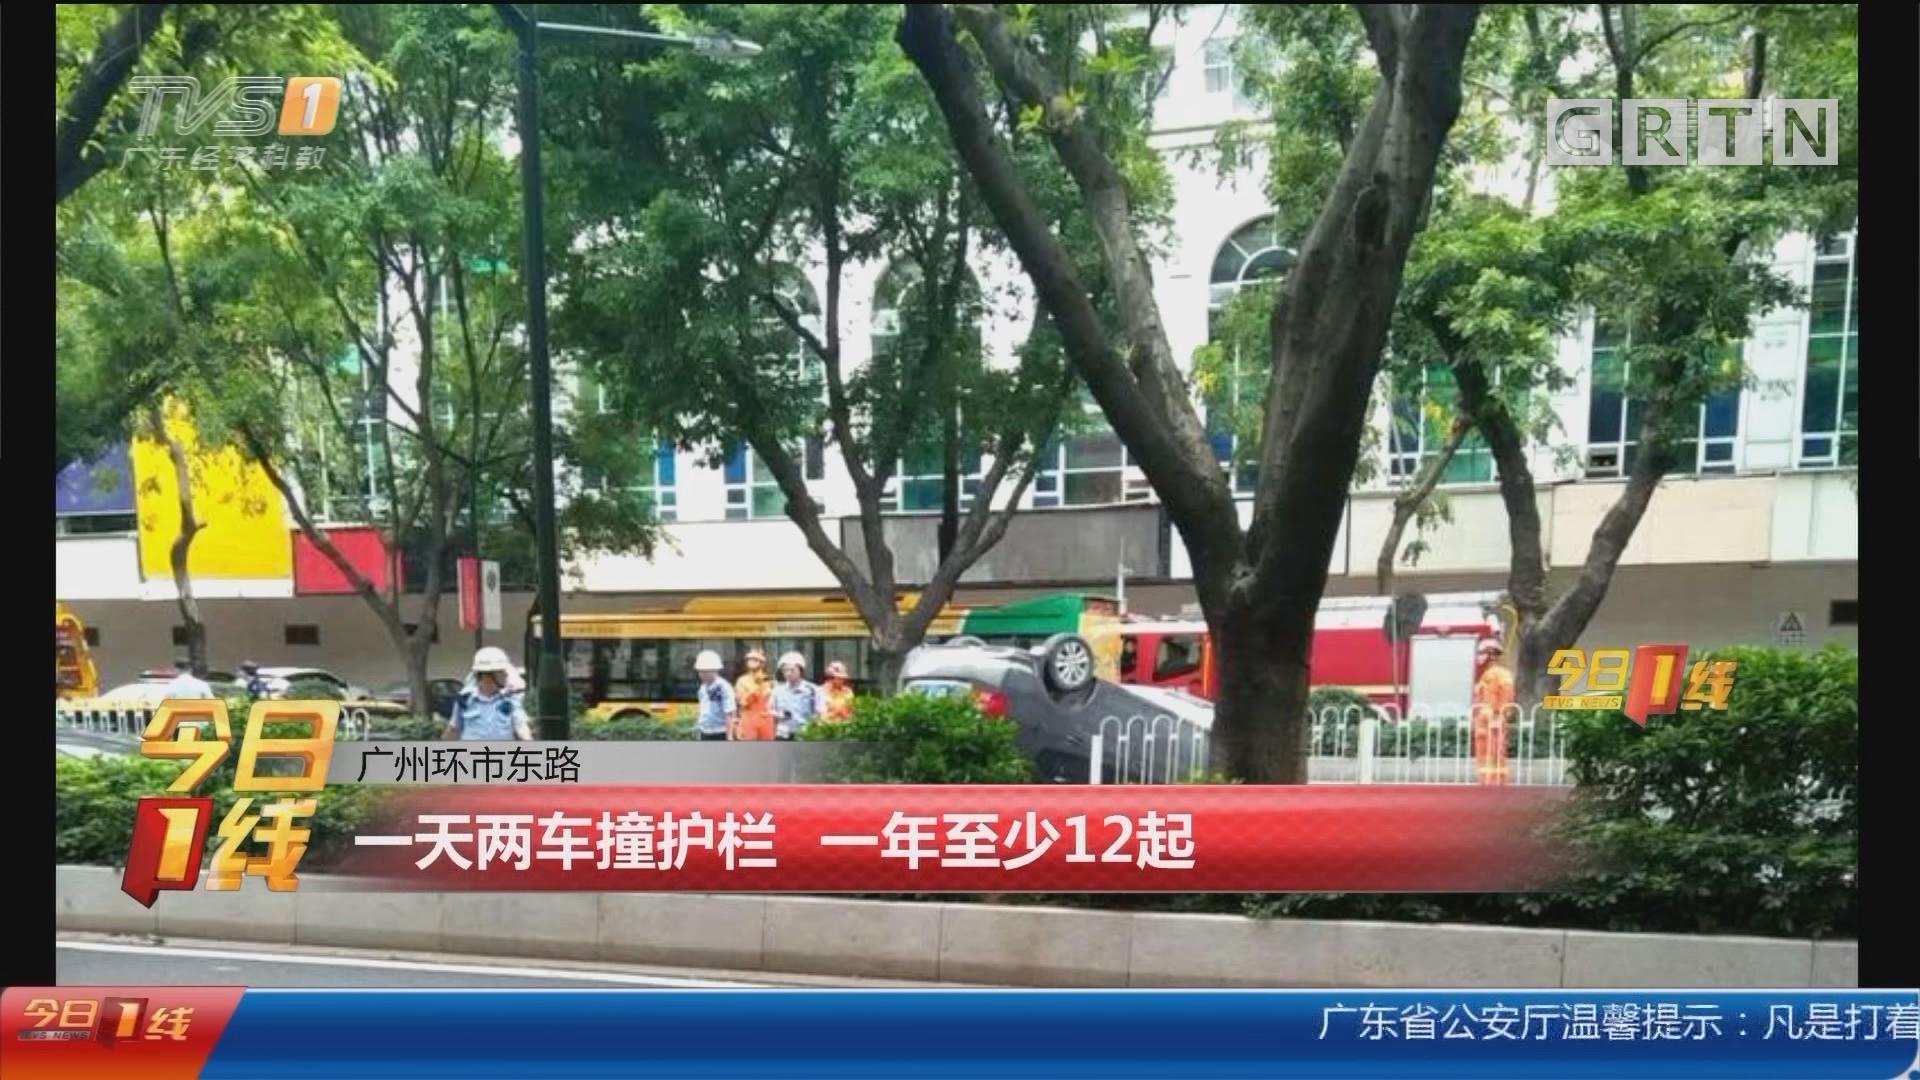 广州环市东路:一天两车撞护栏 一年至少12起